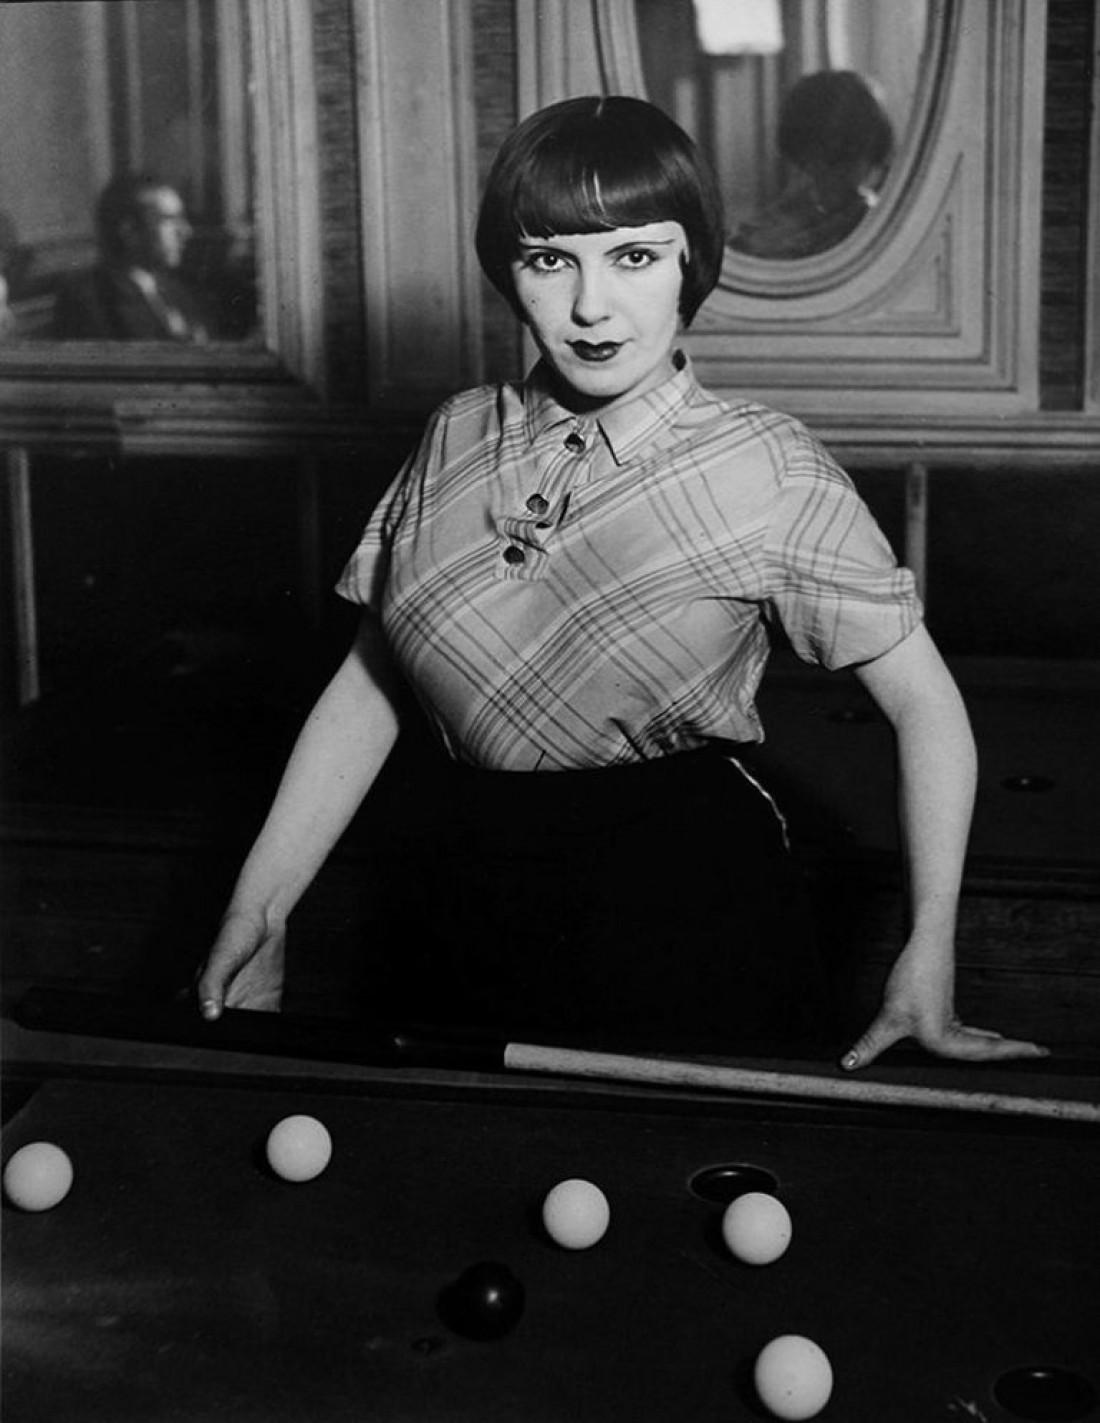 Проститутка, играющая в русский бильярд на бульваре Рошешуар, 1933 год